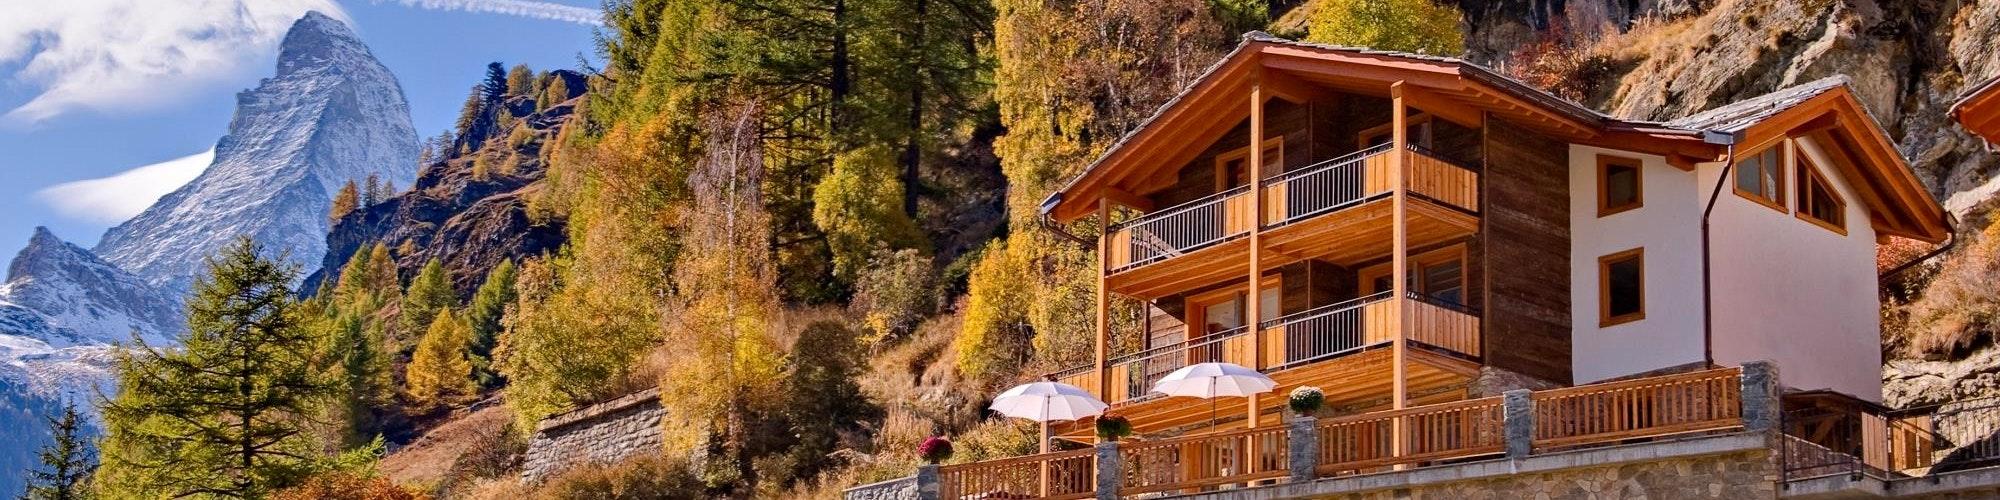 Vakantieappartementen Zermatt